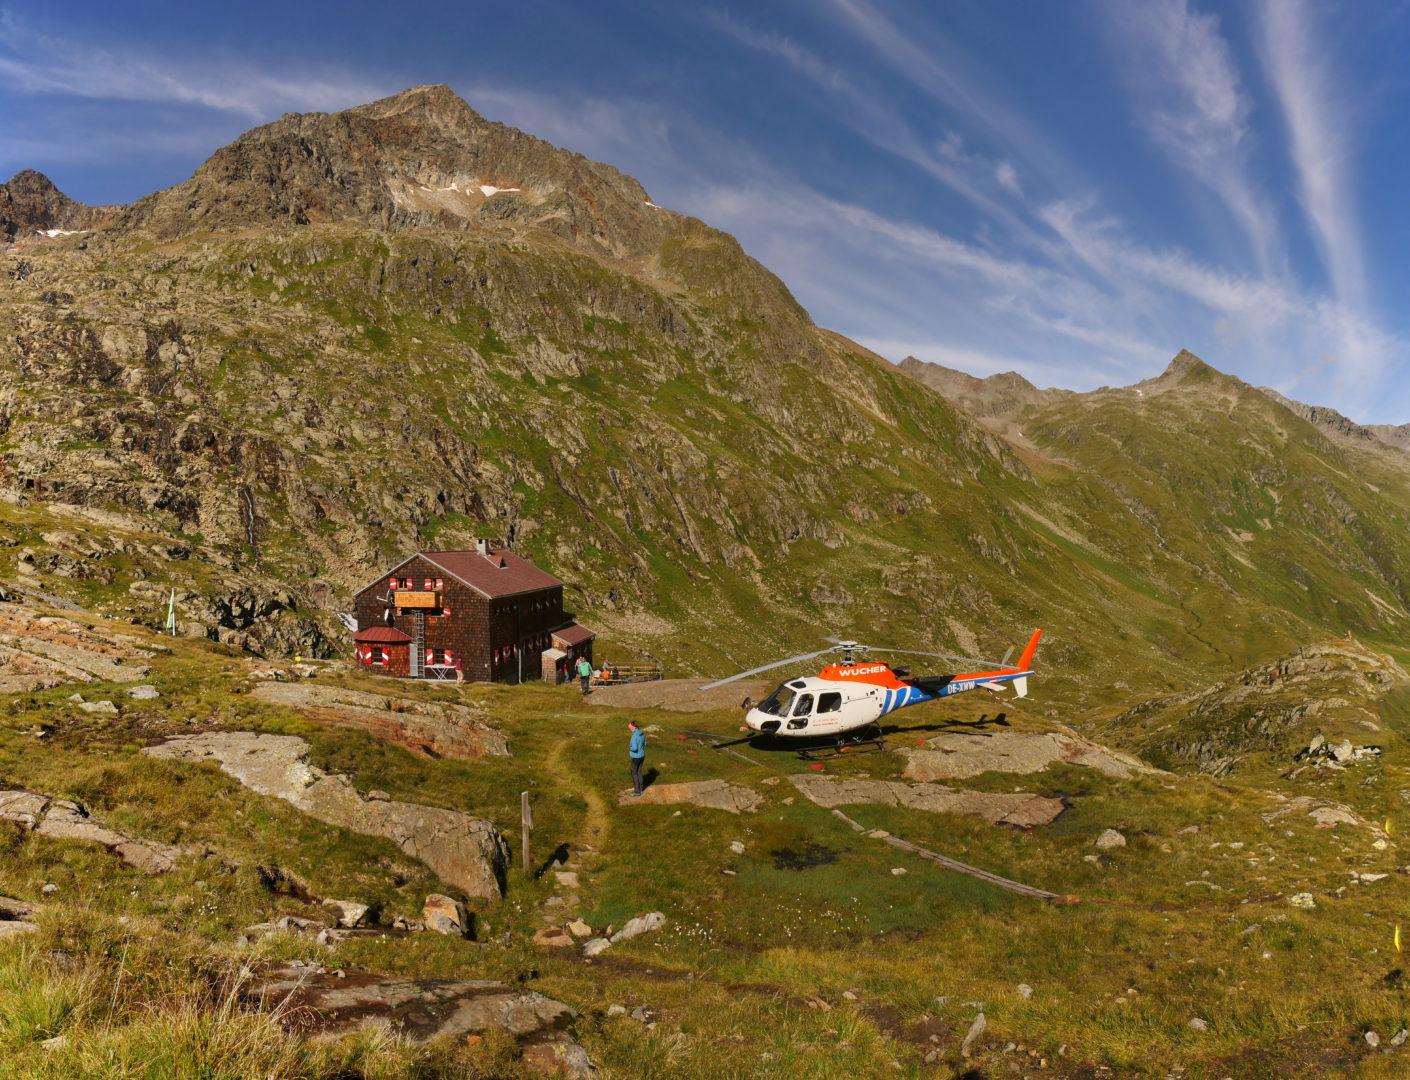 Helikopter vor der Hütte, dahinter Roter Knopf 3296 m)